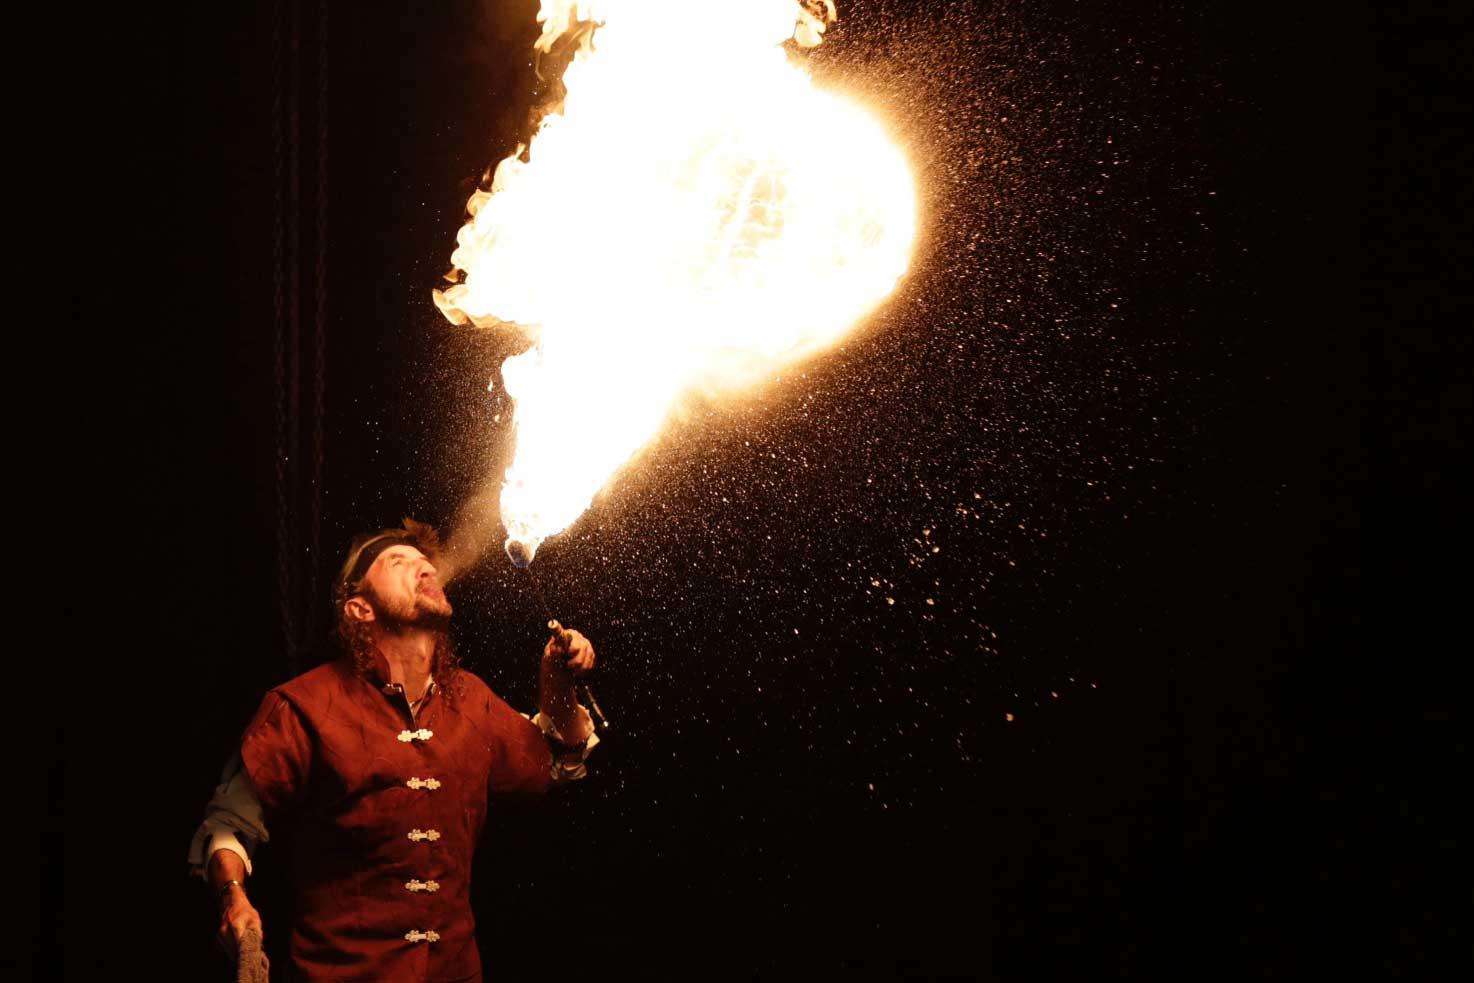 Pirate Capitaine Loran qui enflamme le ciel lors d'une fête d'enfant